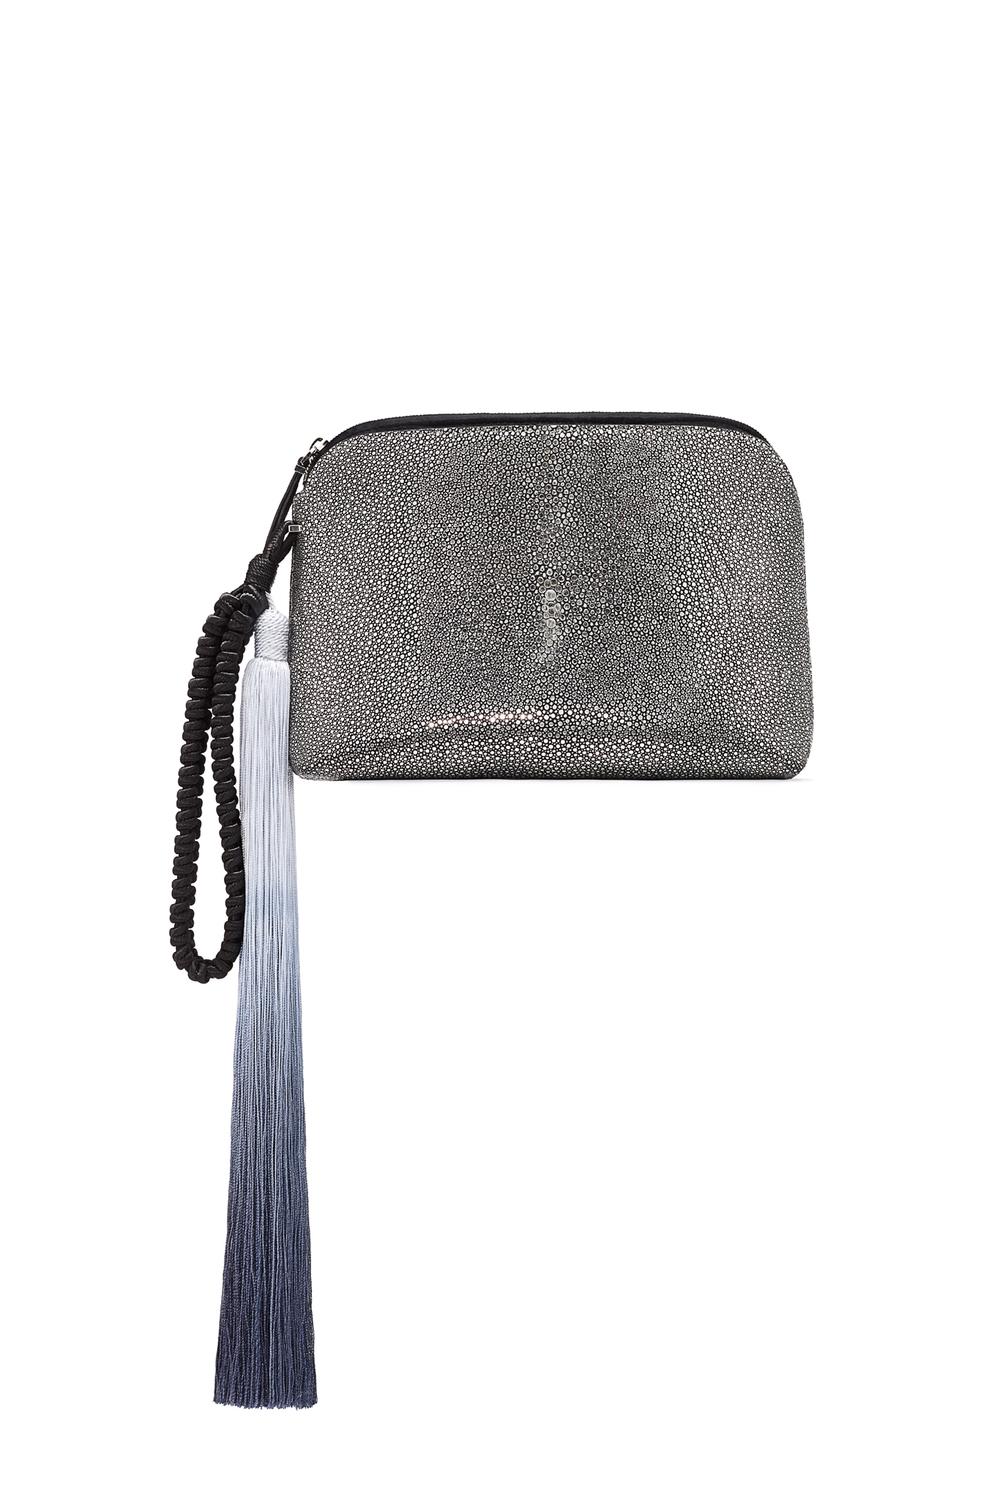 07-05-accessories-trends-fall-2015-tassels.jpg